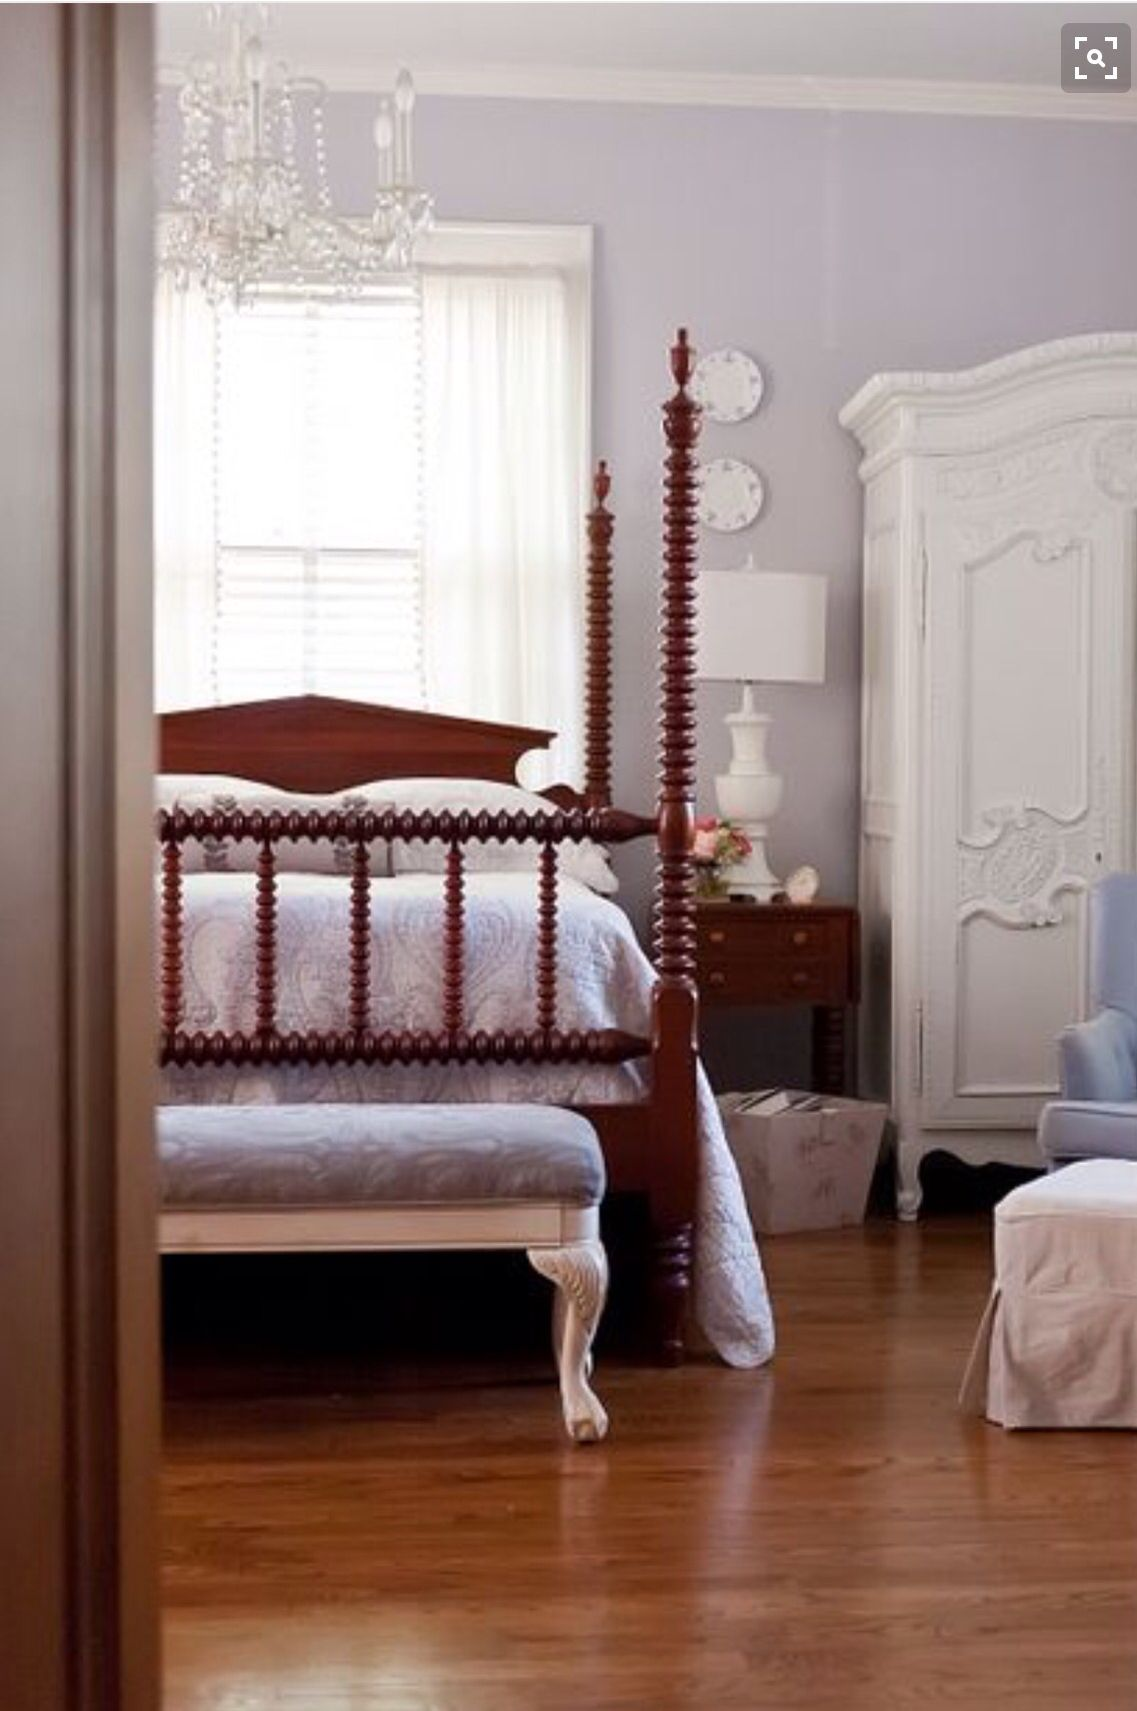 Benjamin Moore Lavender Mist Sophias Bedroom In 2019 Bedroom